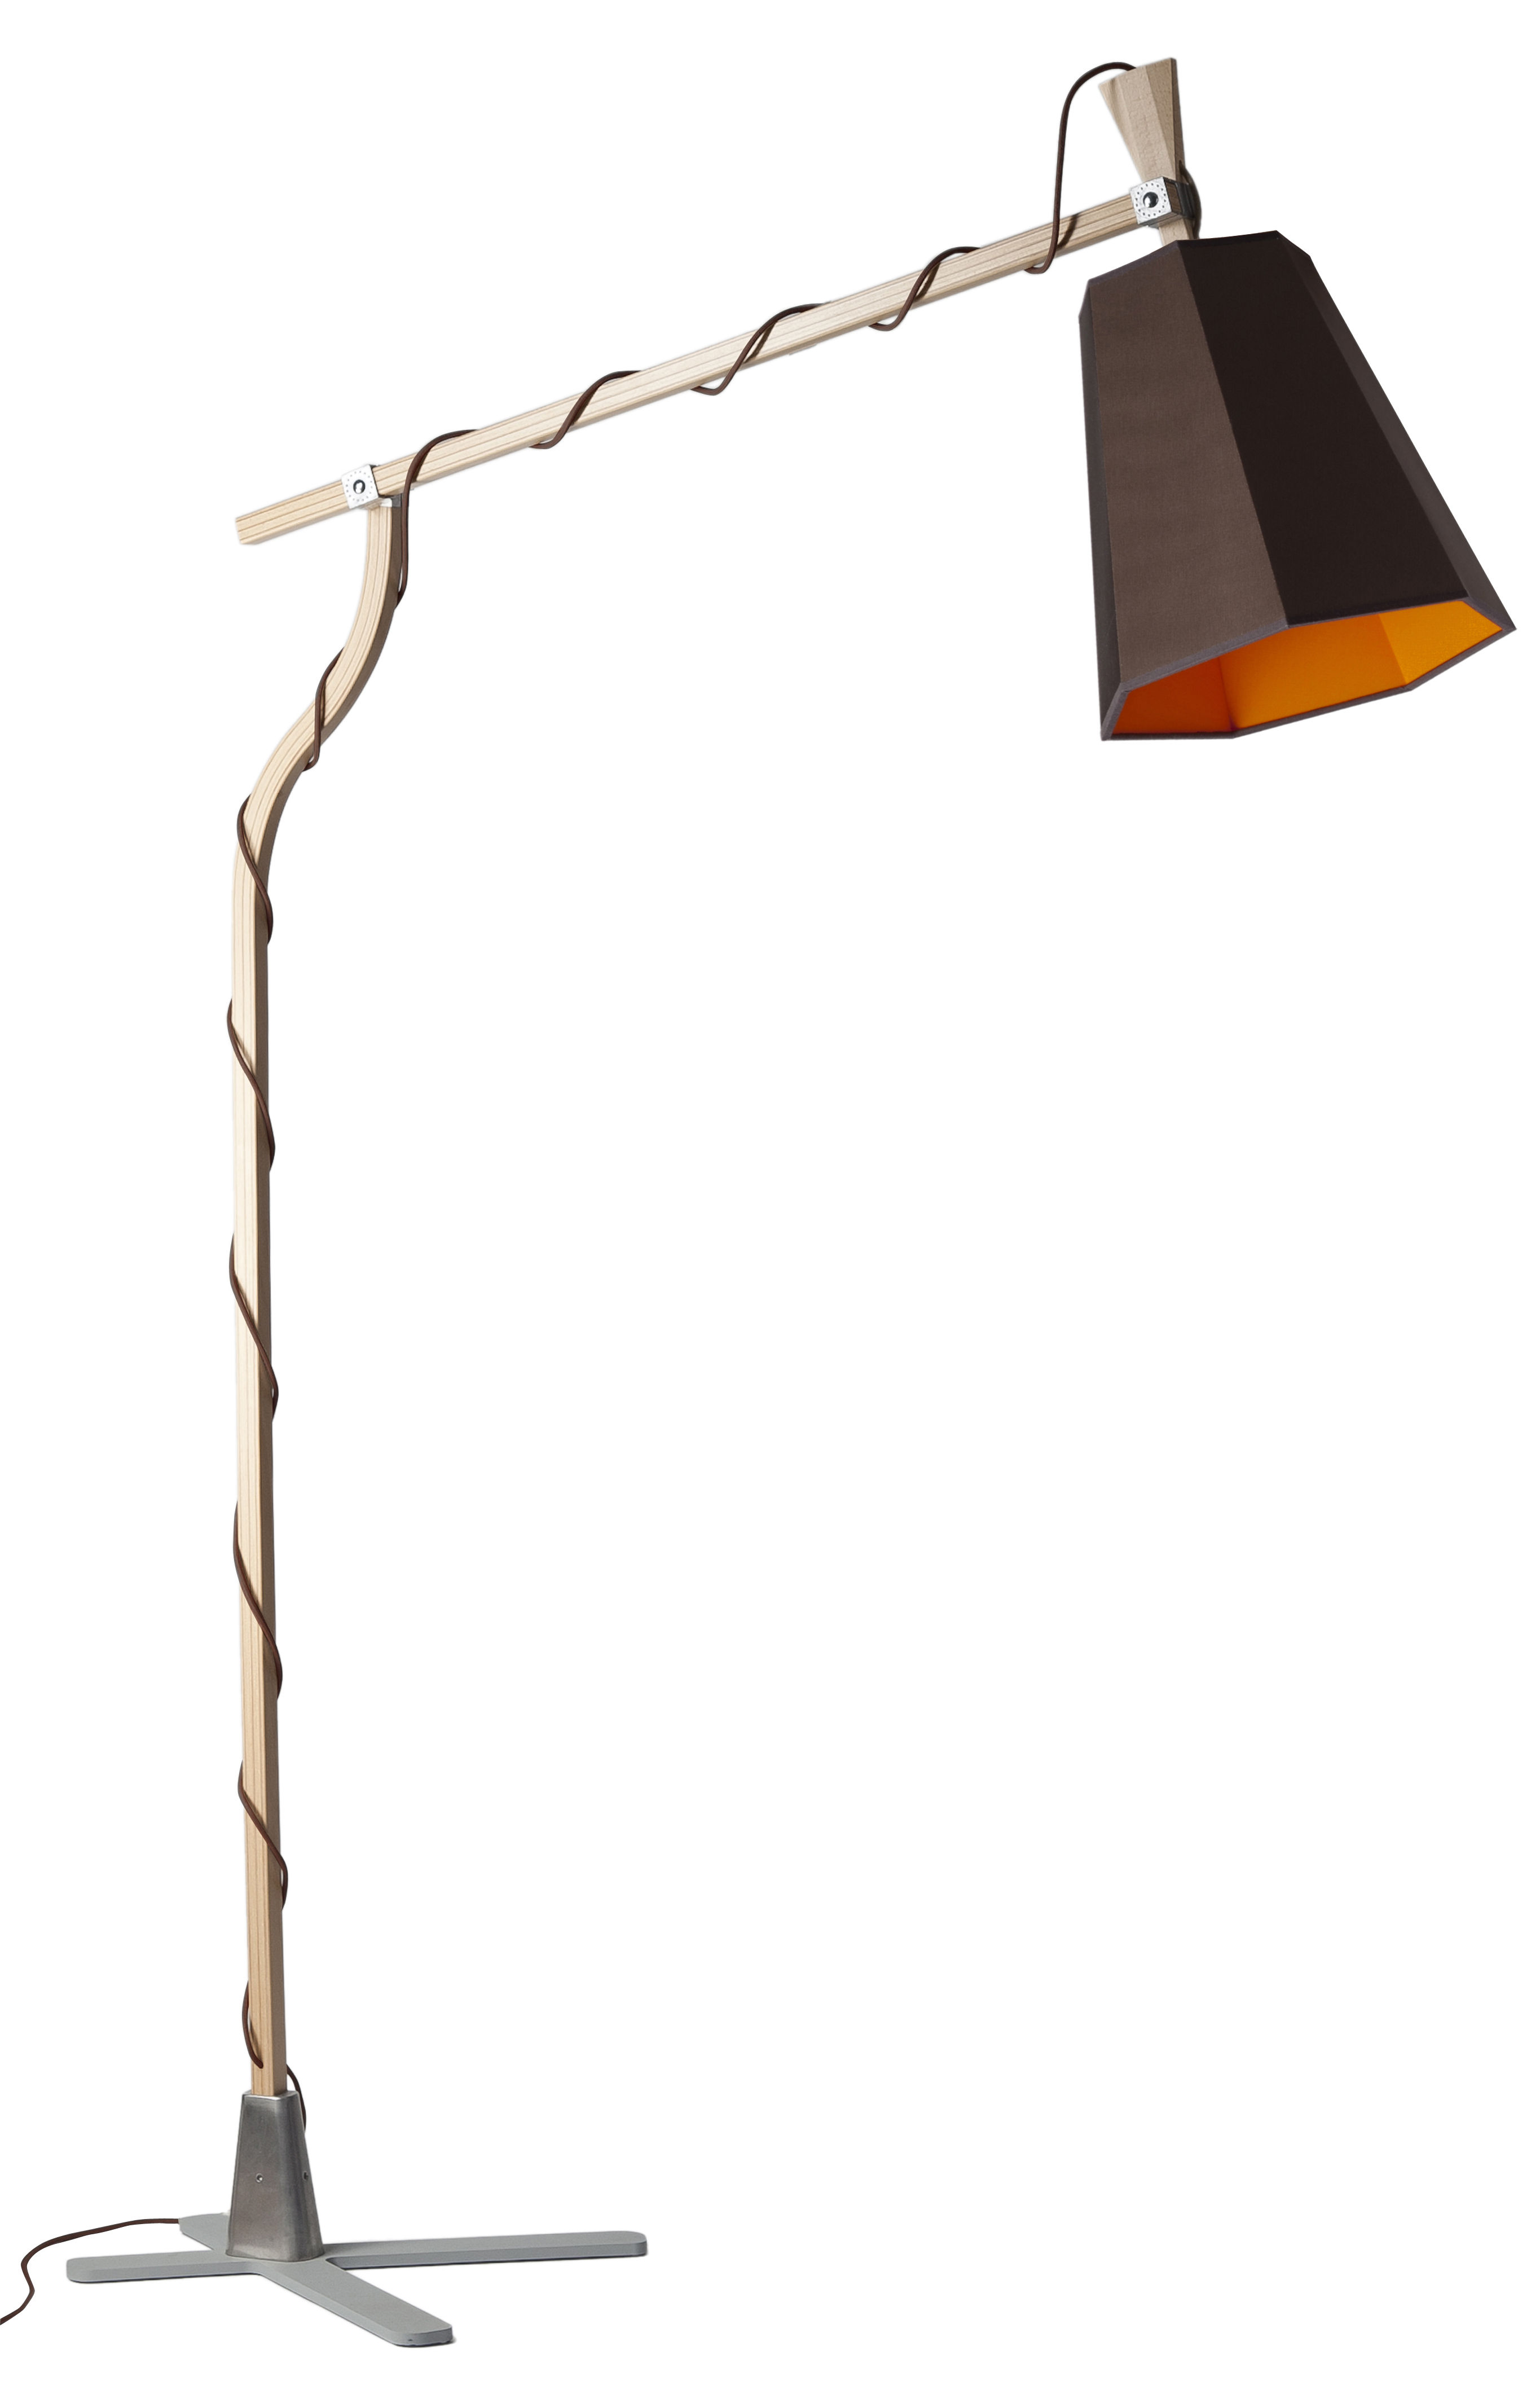 Luminaire - Lampadaires - Lampadaire LuXiole H 225 cm - Designheure - Abat-jour Marron / int. Orange - Acier laqué, Coton, Hêtre